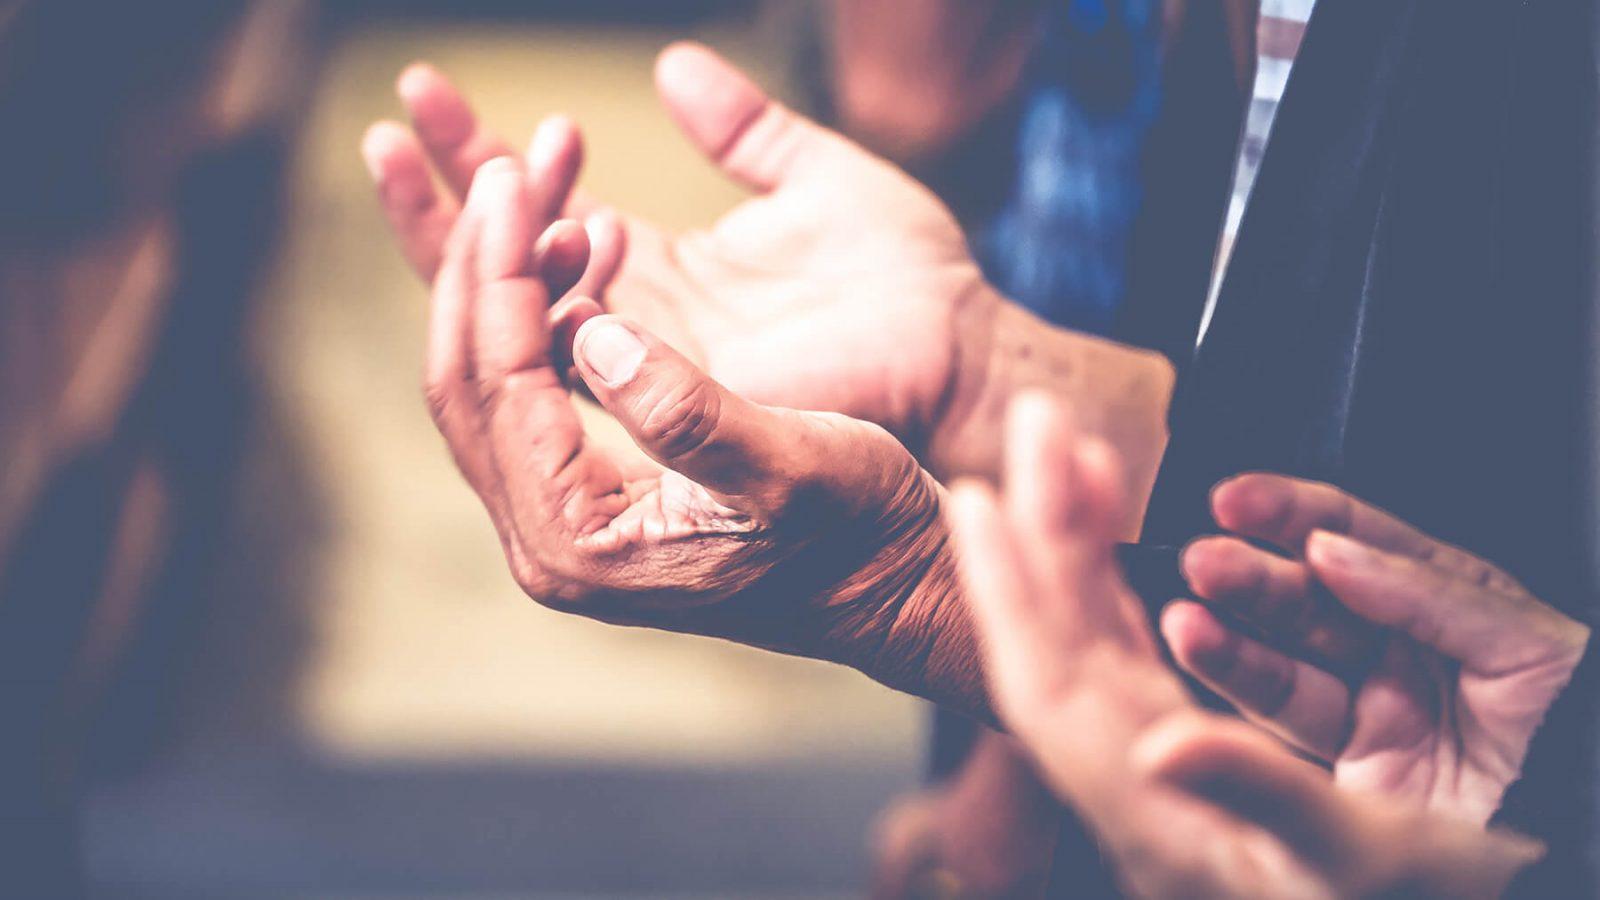 open praying hands